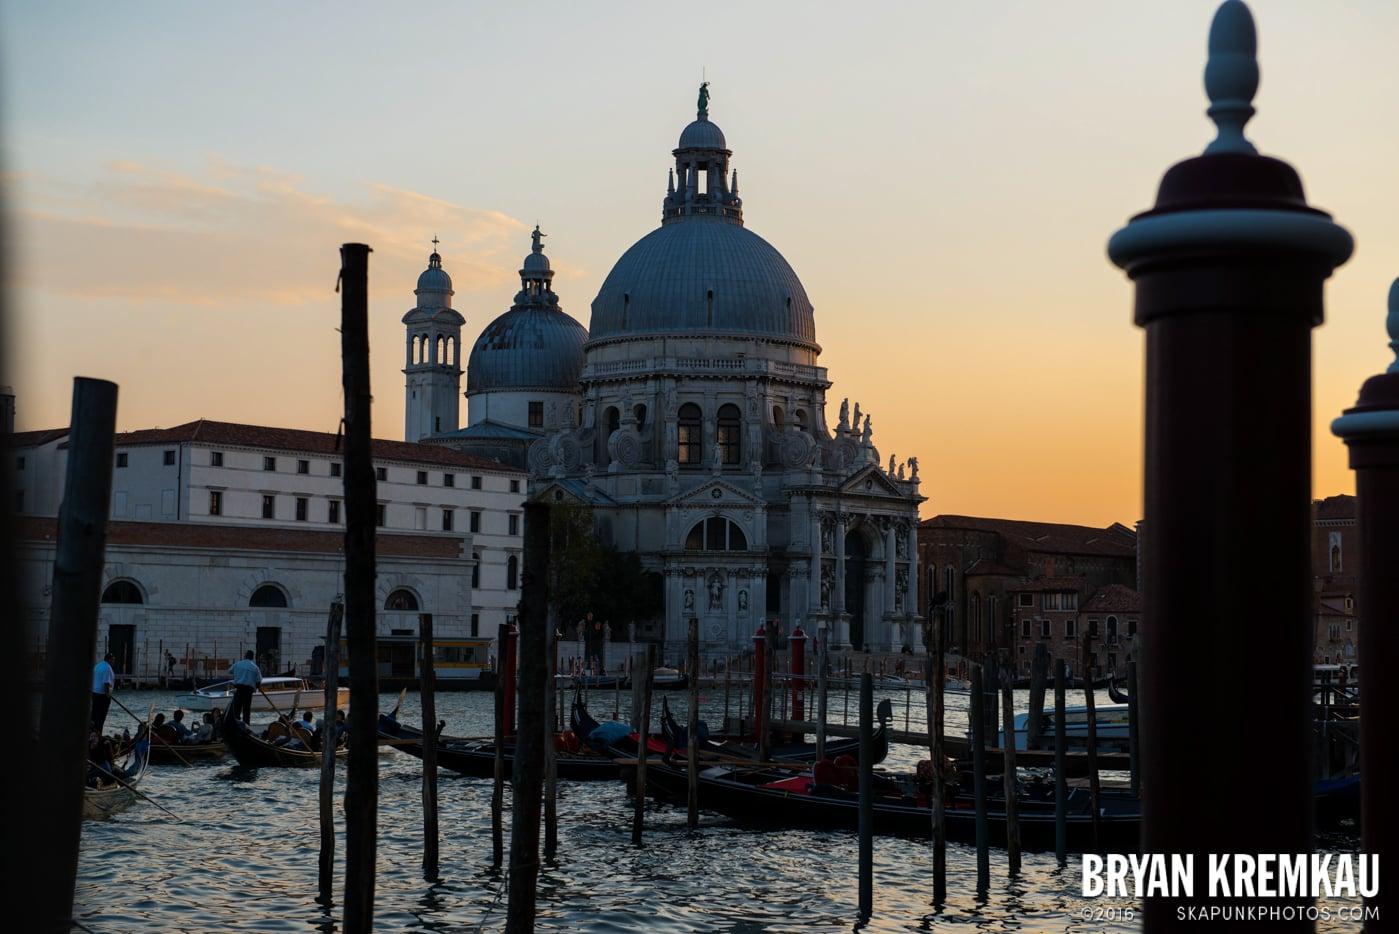 Italy Vacation - Day 5: Venice - 9.13.13 (8)